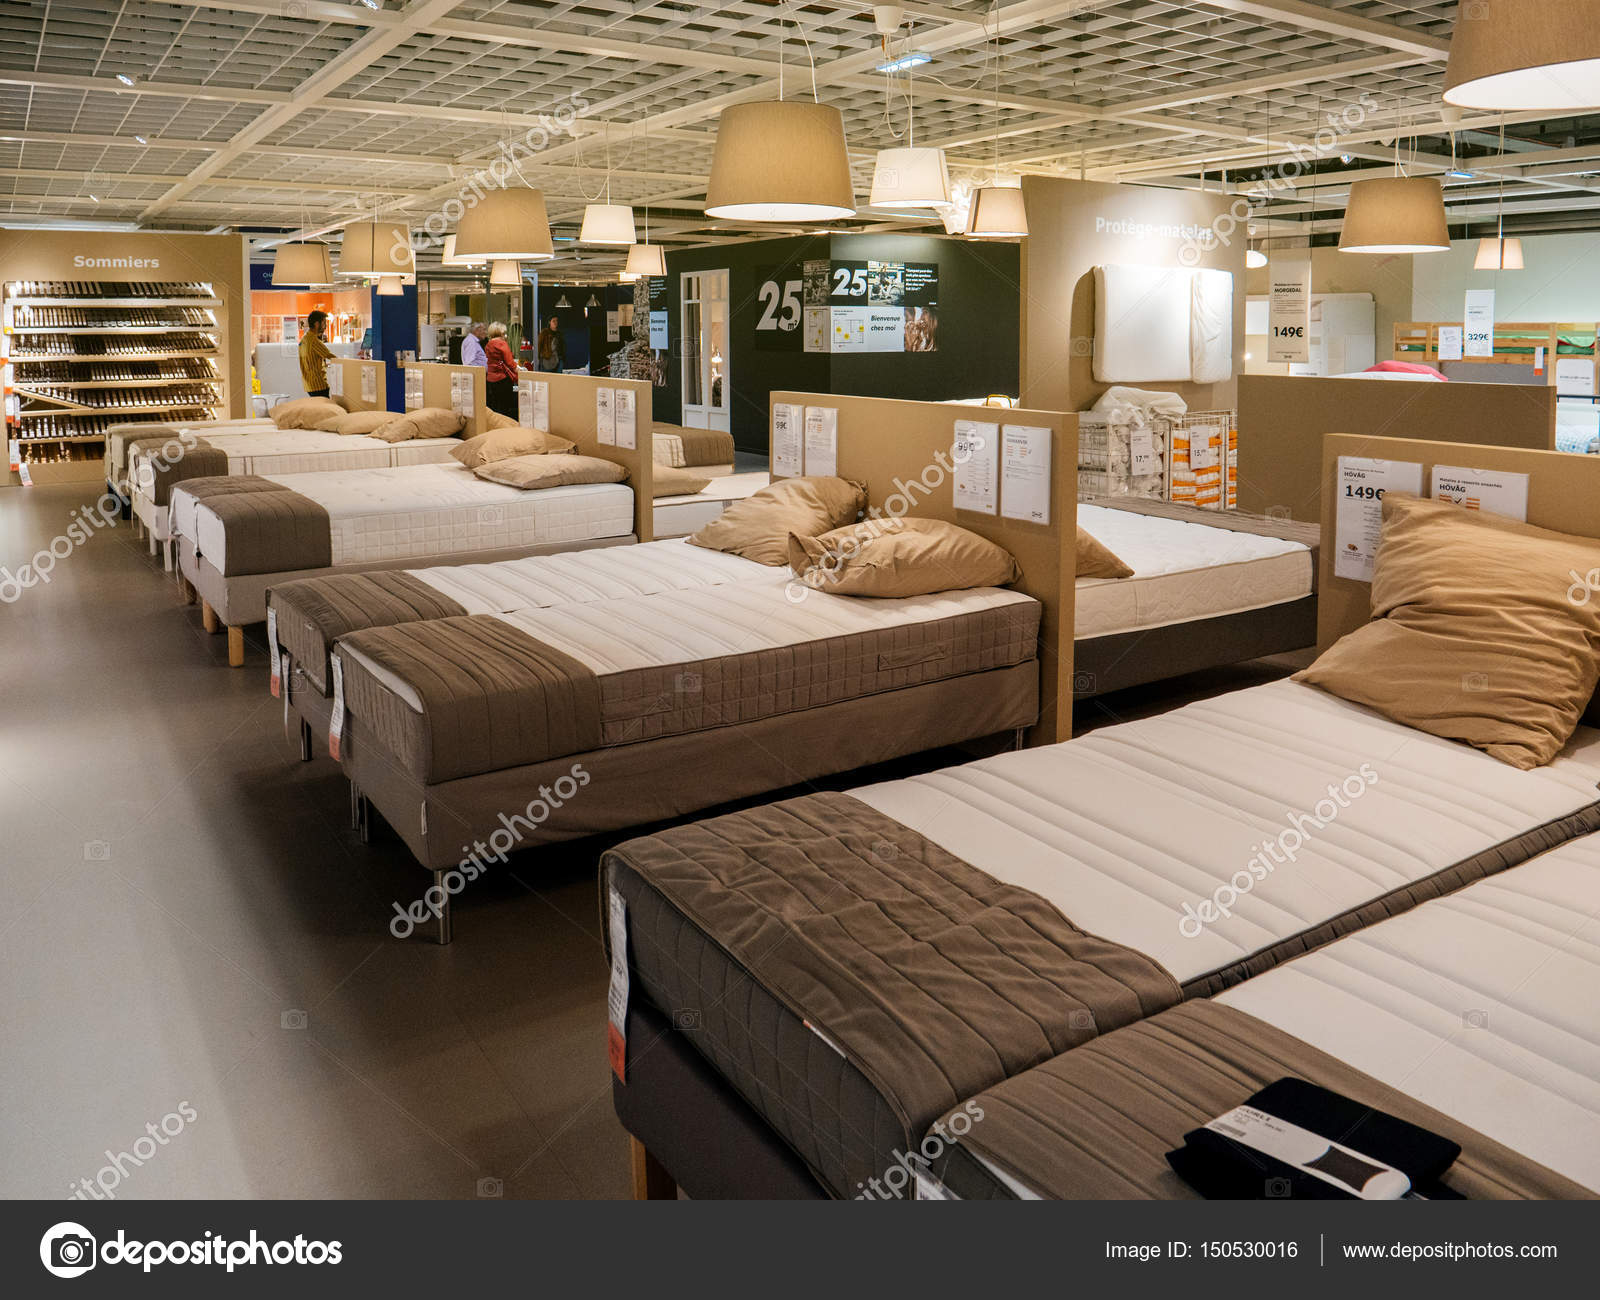 Matratze Und Bett Mobel Kunden Kaufen Ikea Redaktionelles